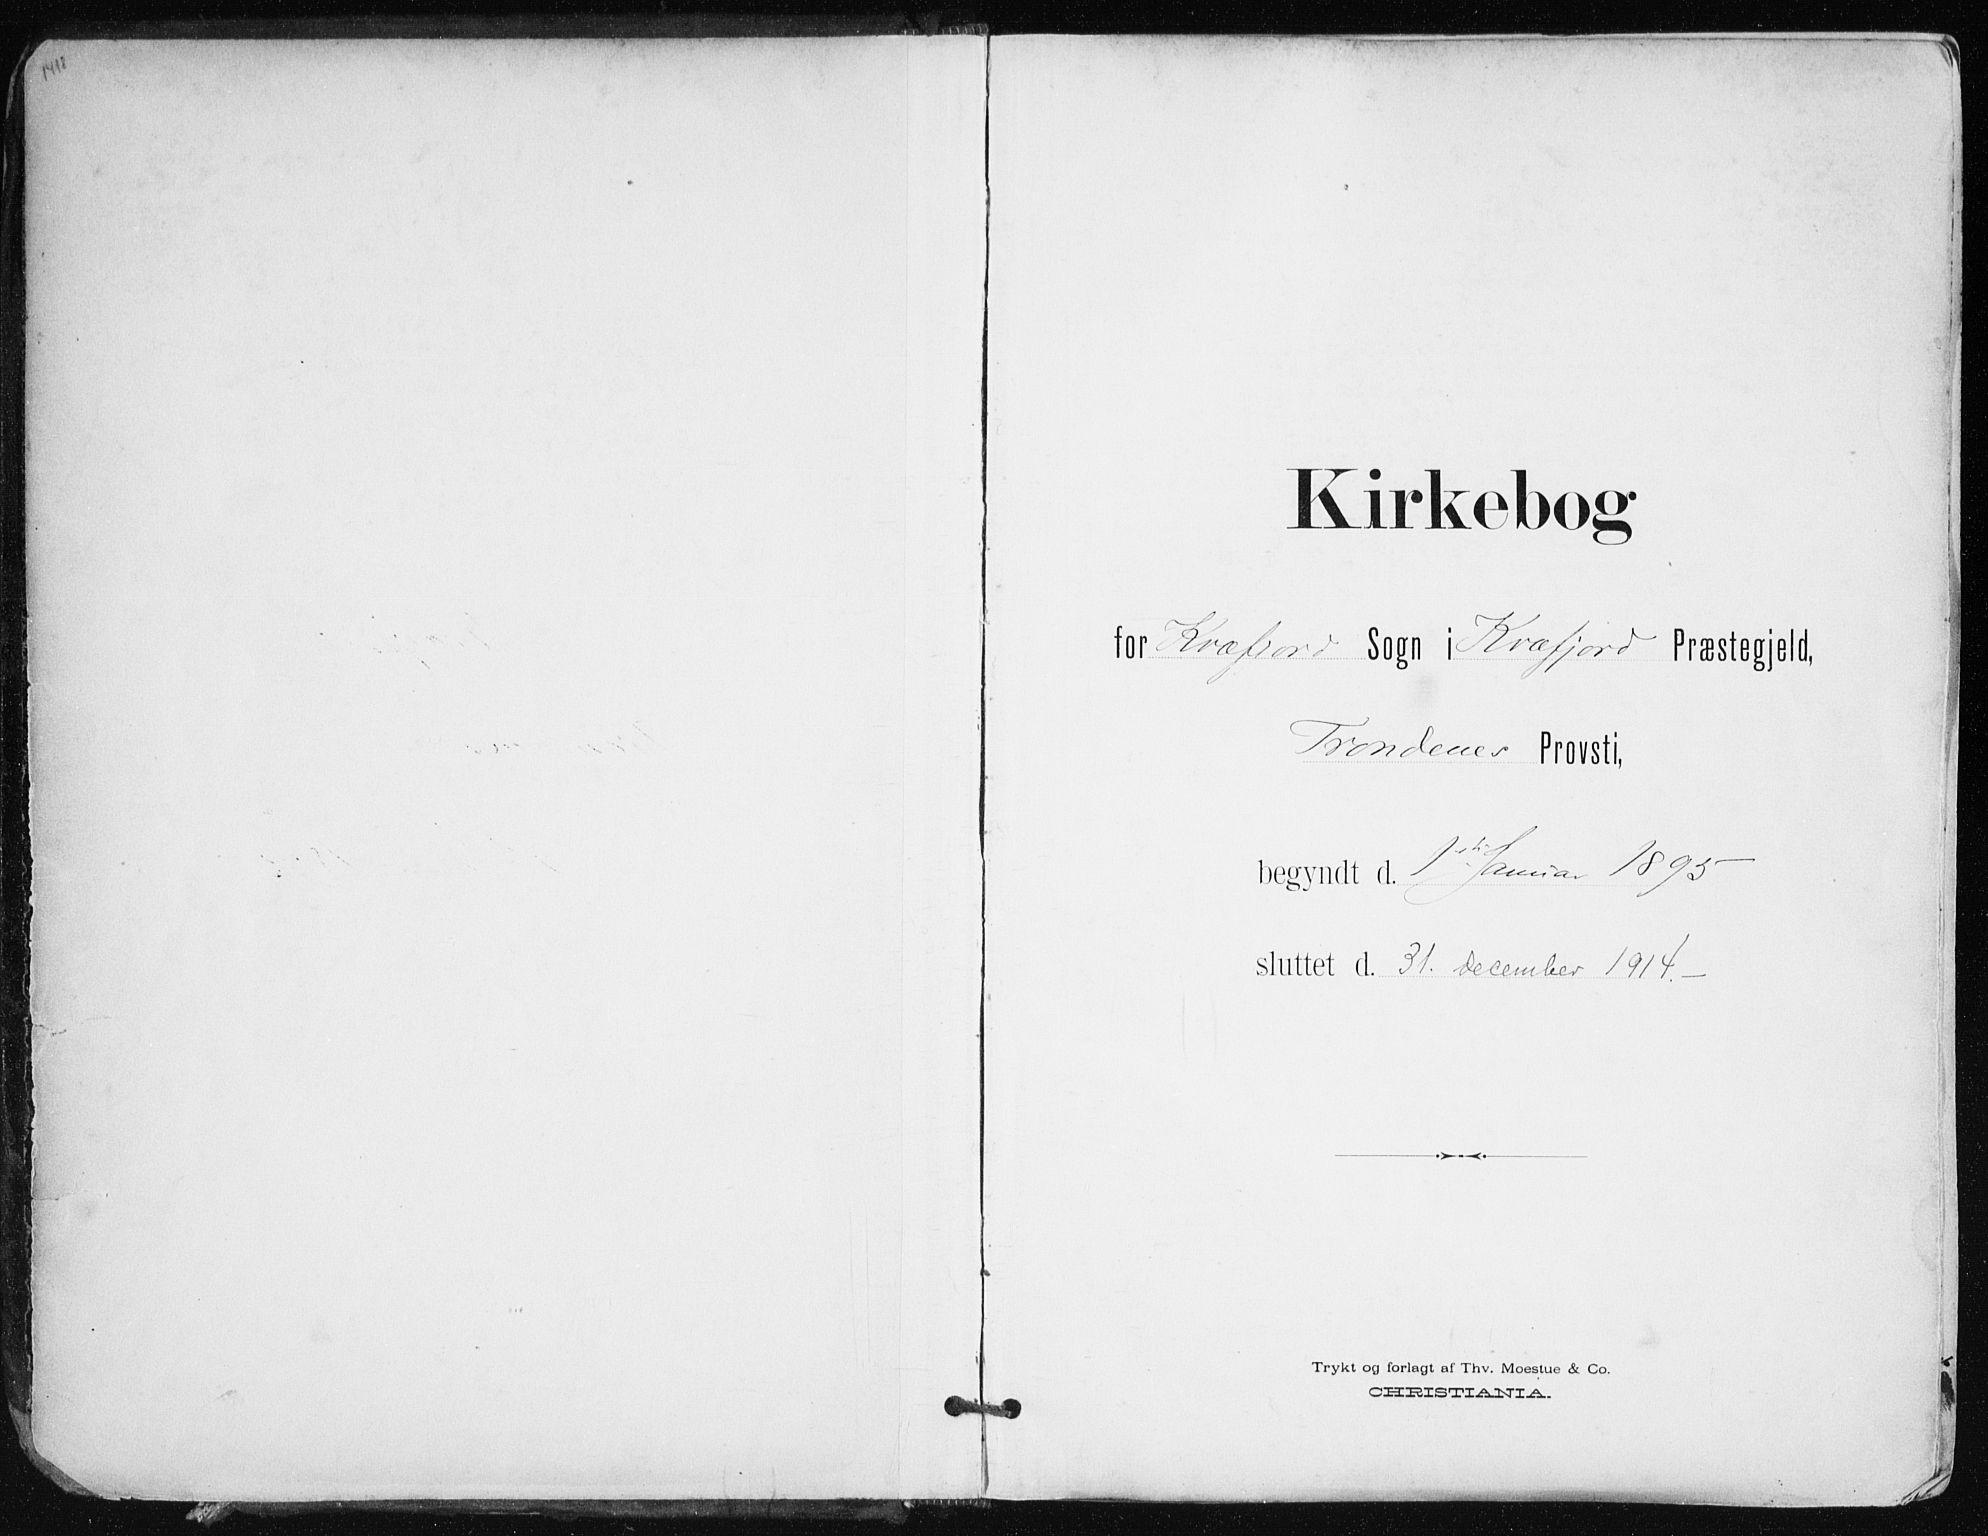 SATØ, Kvæfjord sokneprestkontor, G/Ga/Gaa/L0006kirke: Ministerialbok nr. 6, 1895-1914